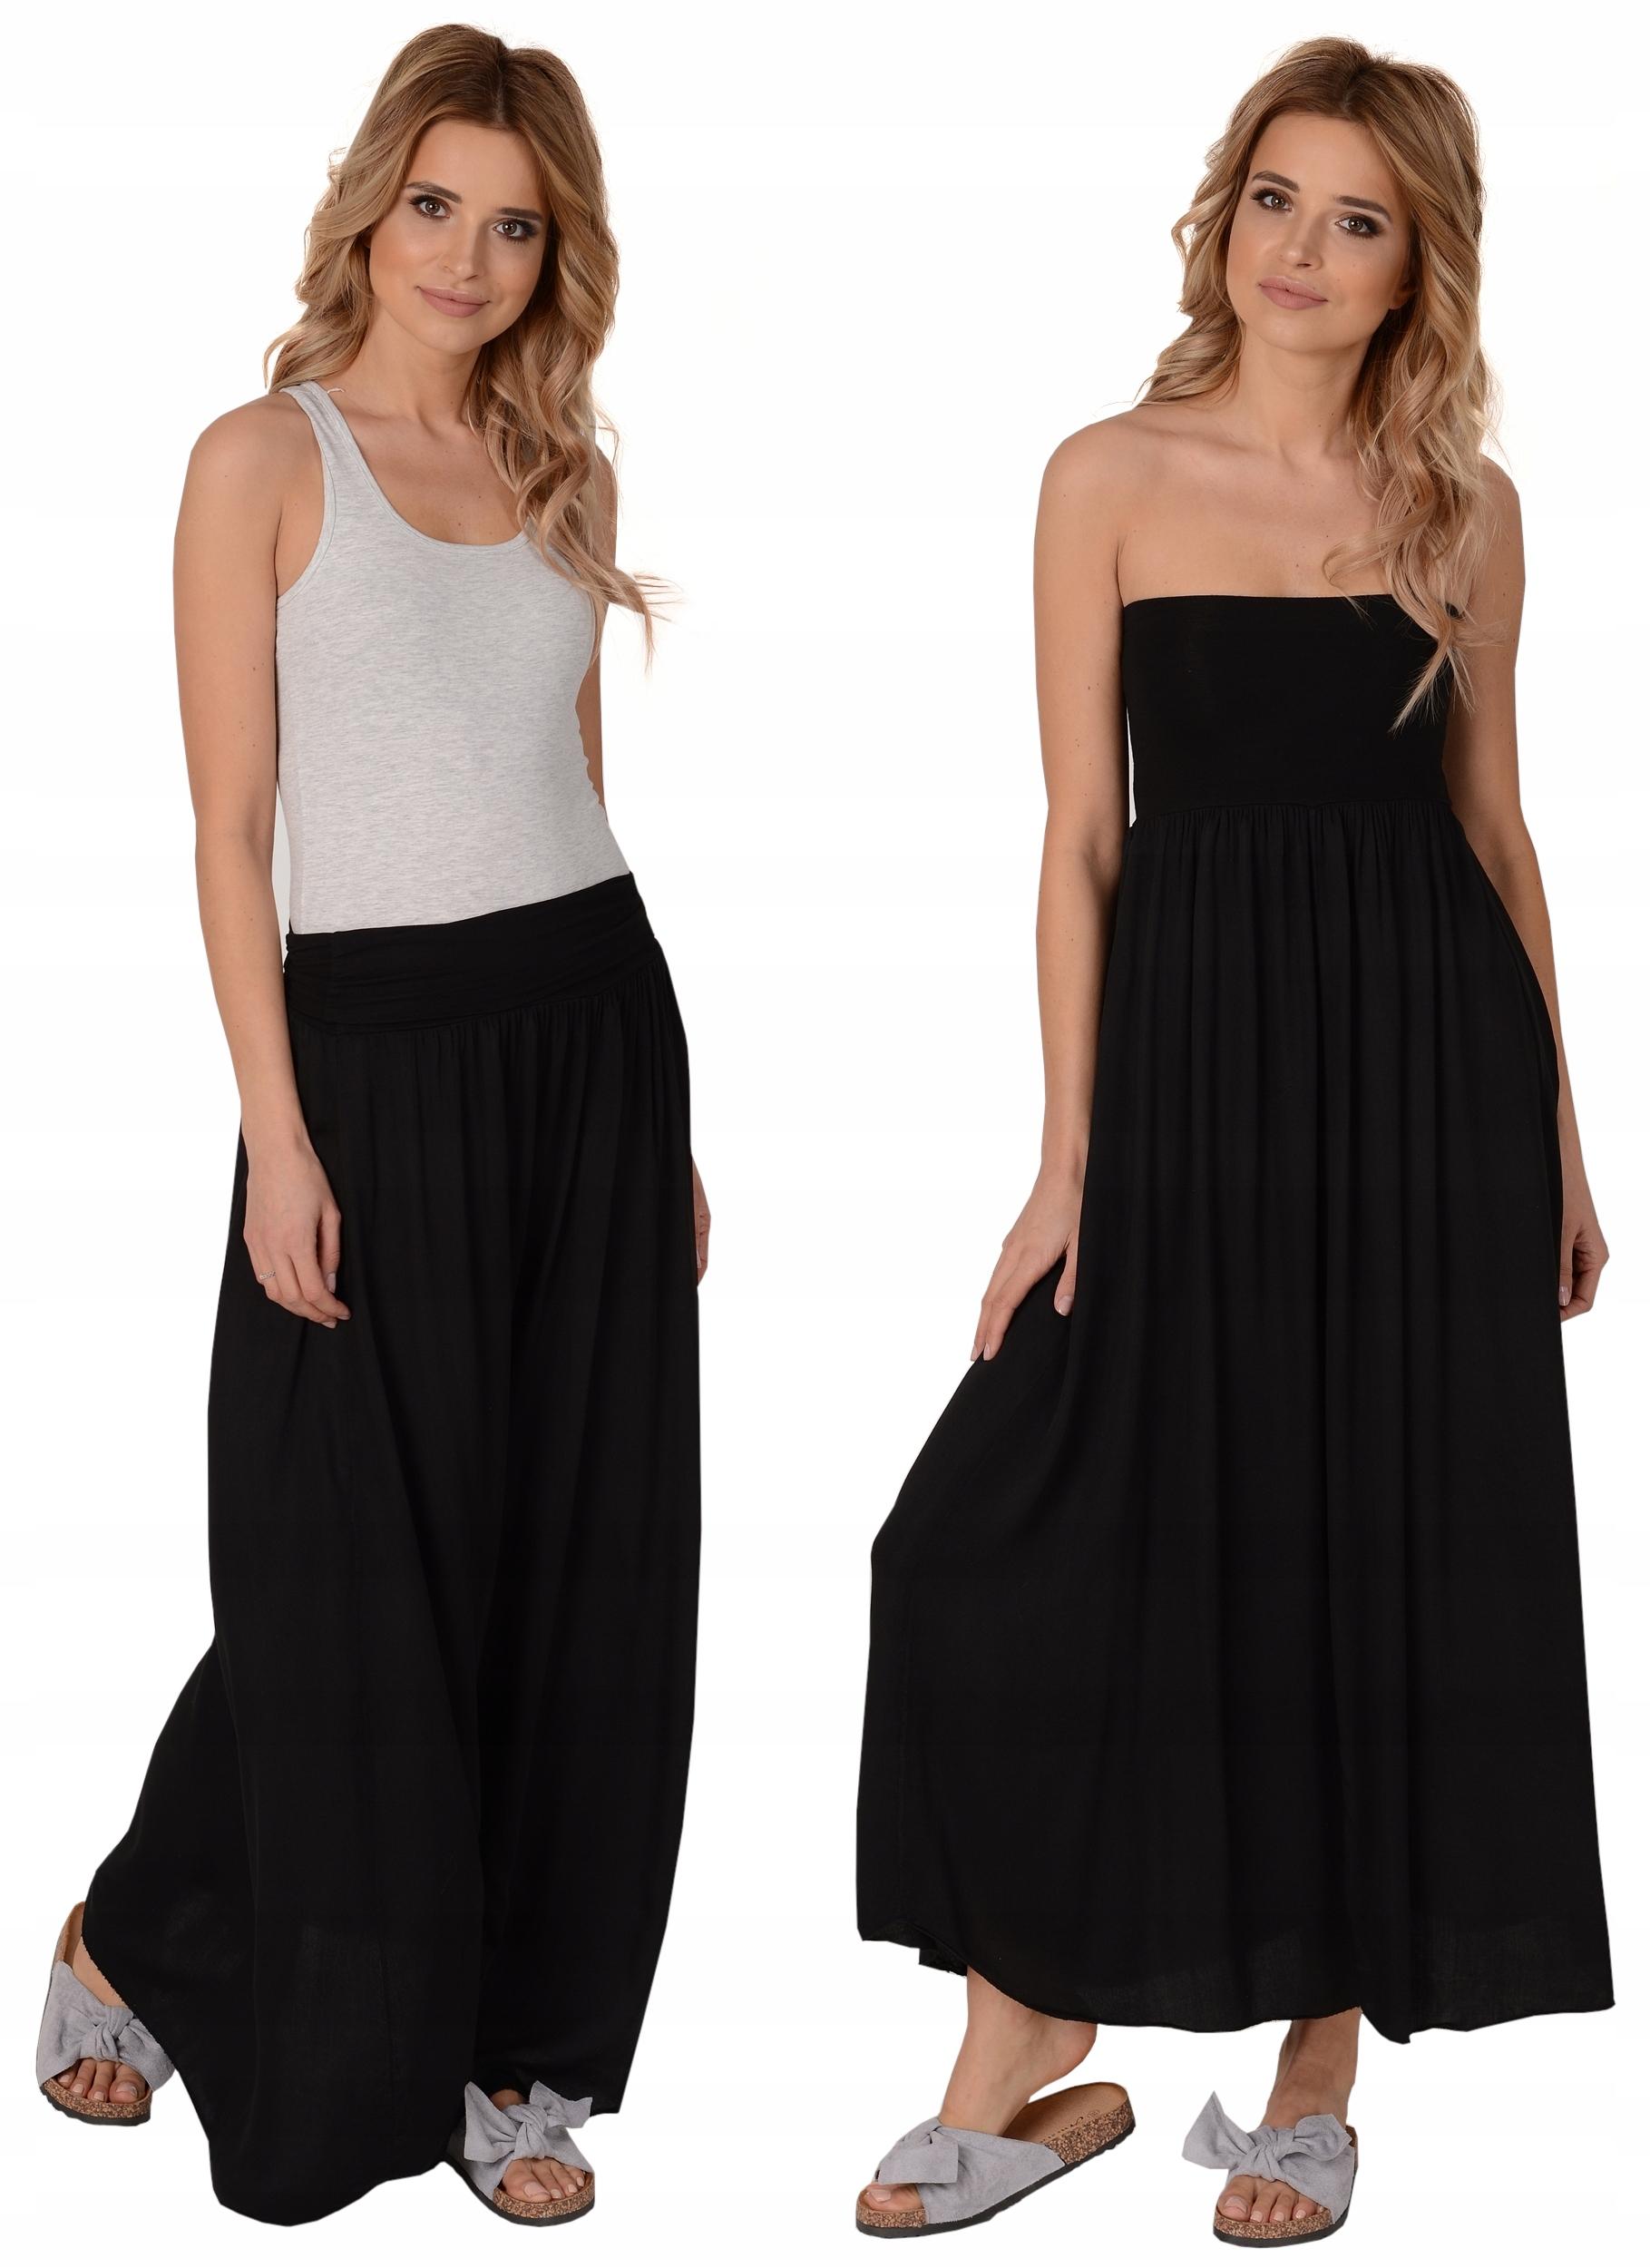 Czarna długa spódnica na lato 2w1 zwiewna sukienka